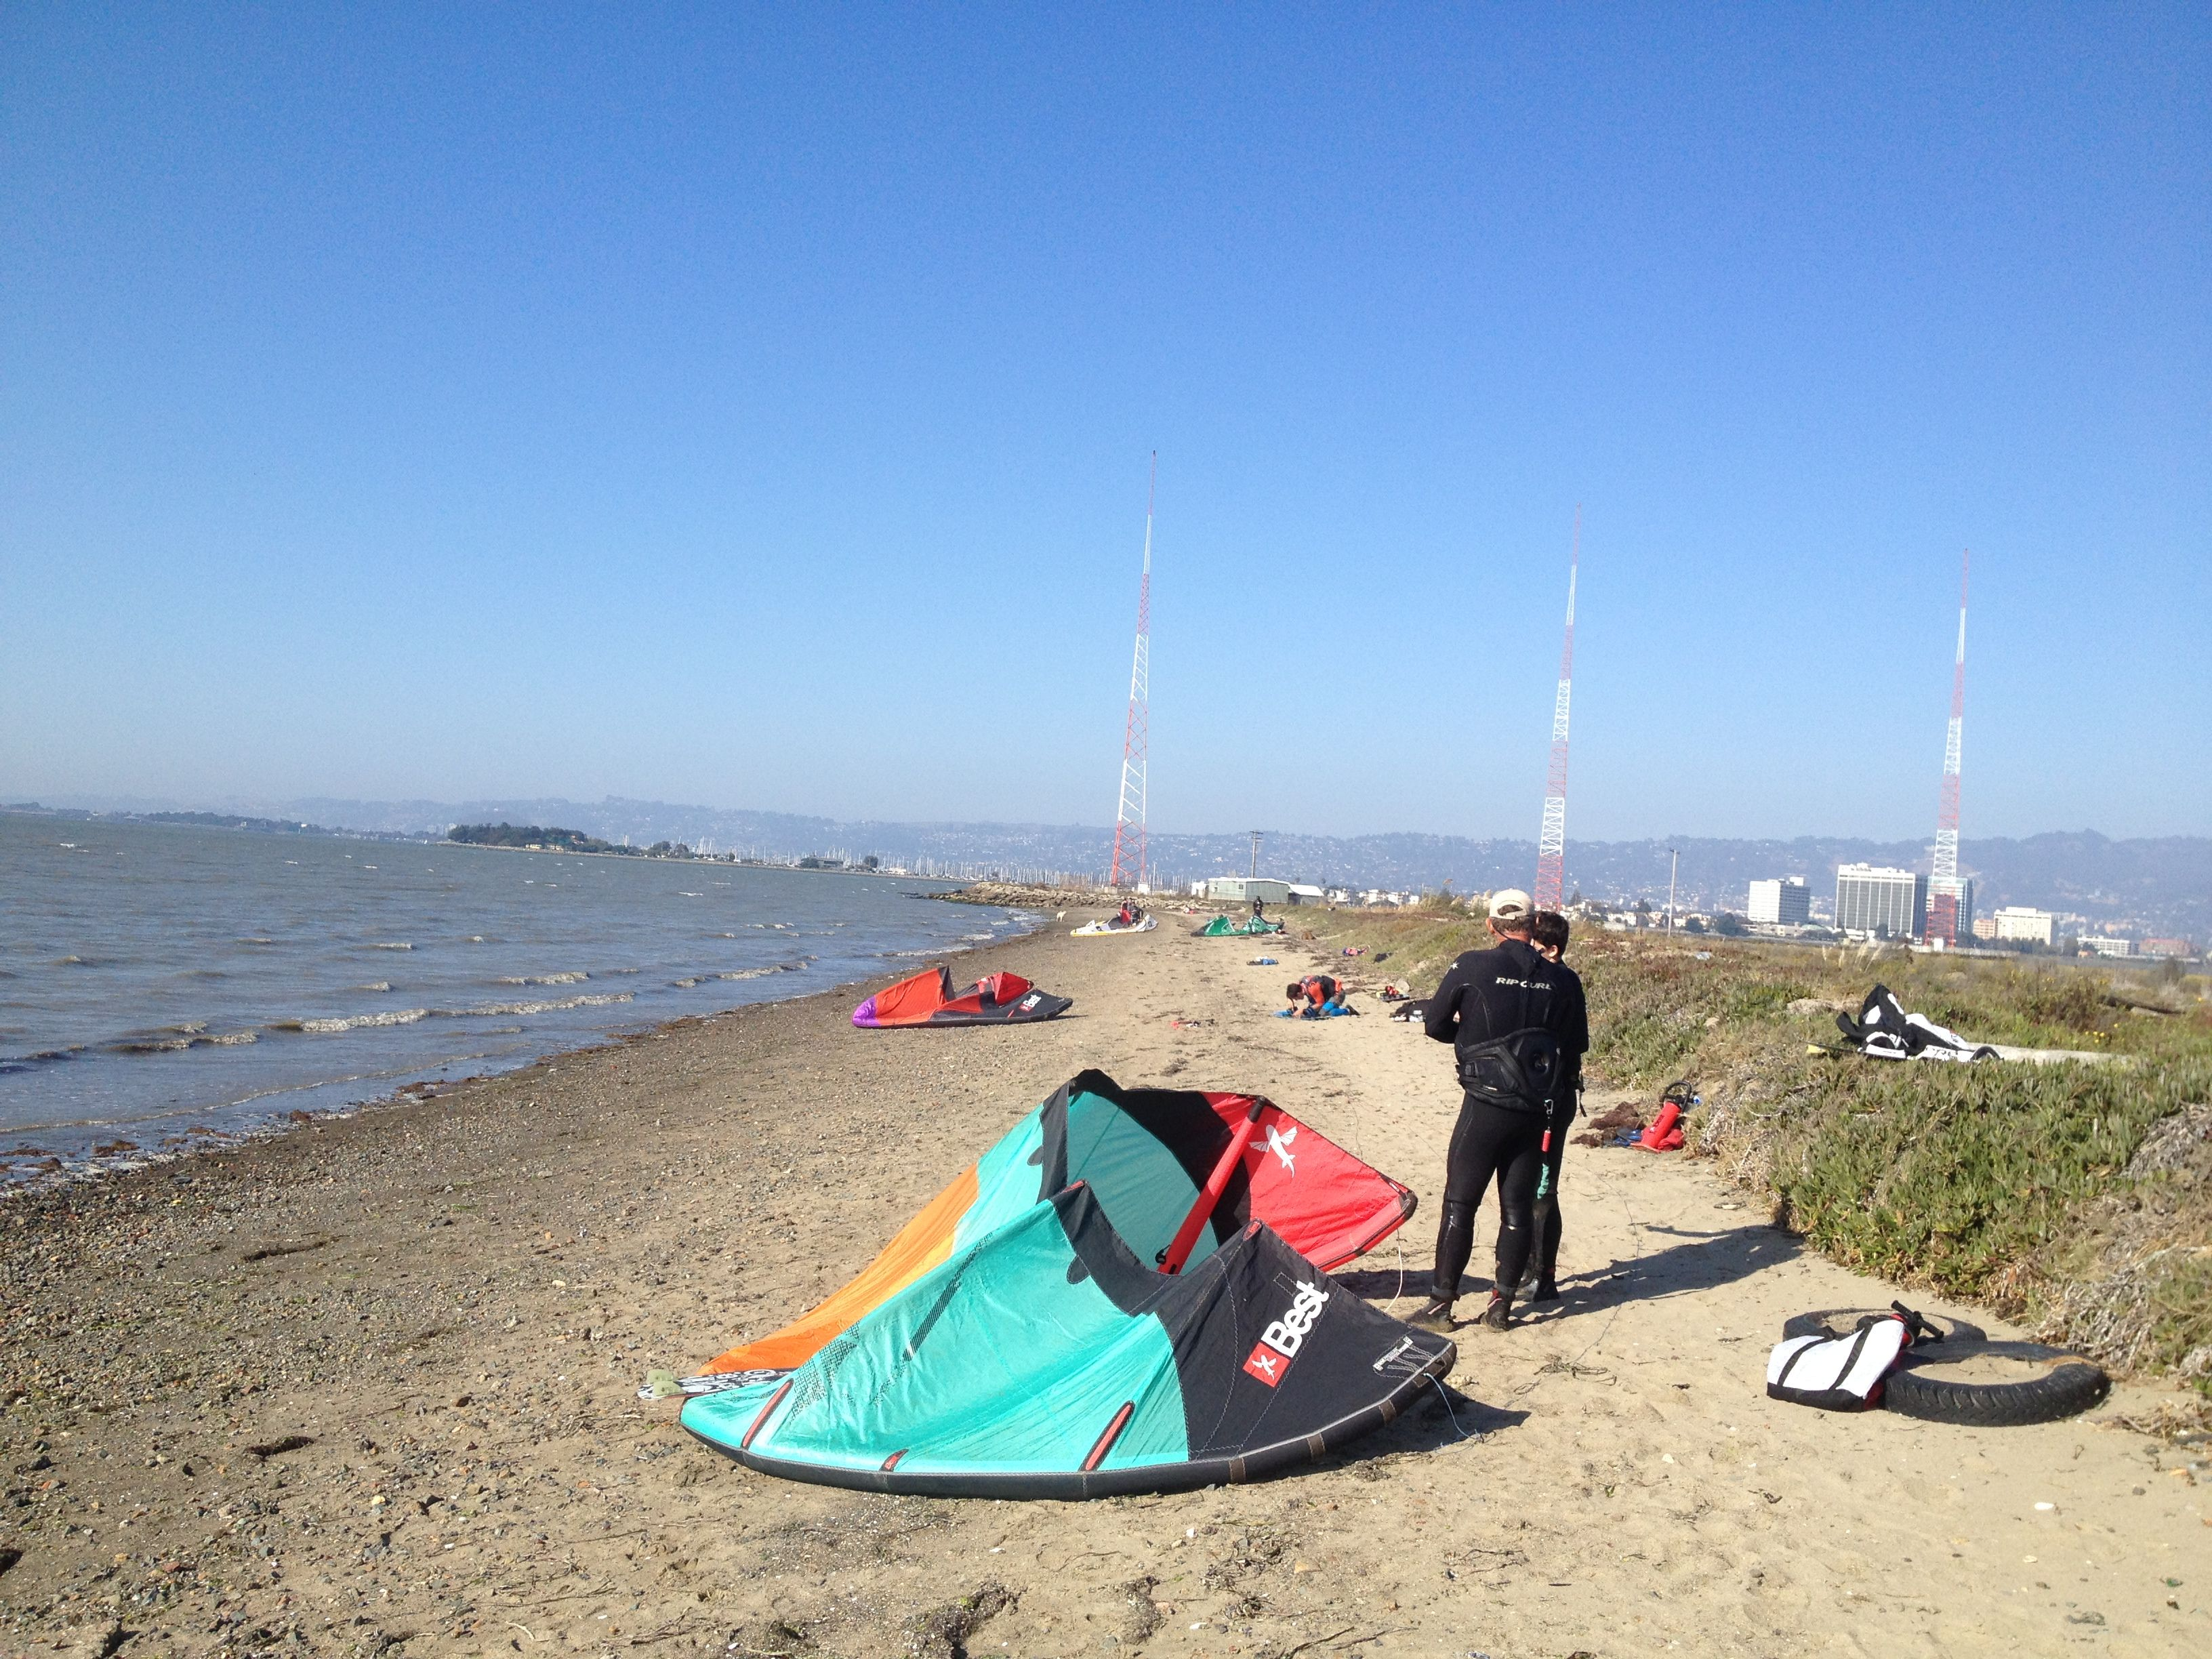 Toll Plaza Beach In Oakland Ca